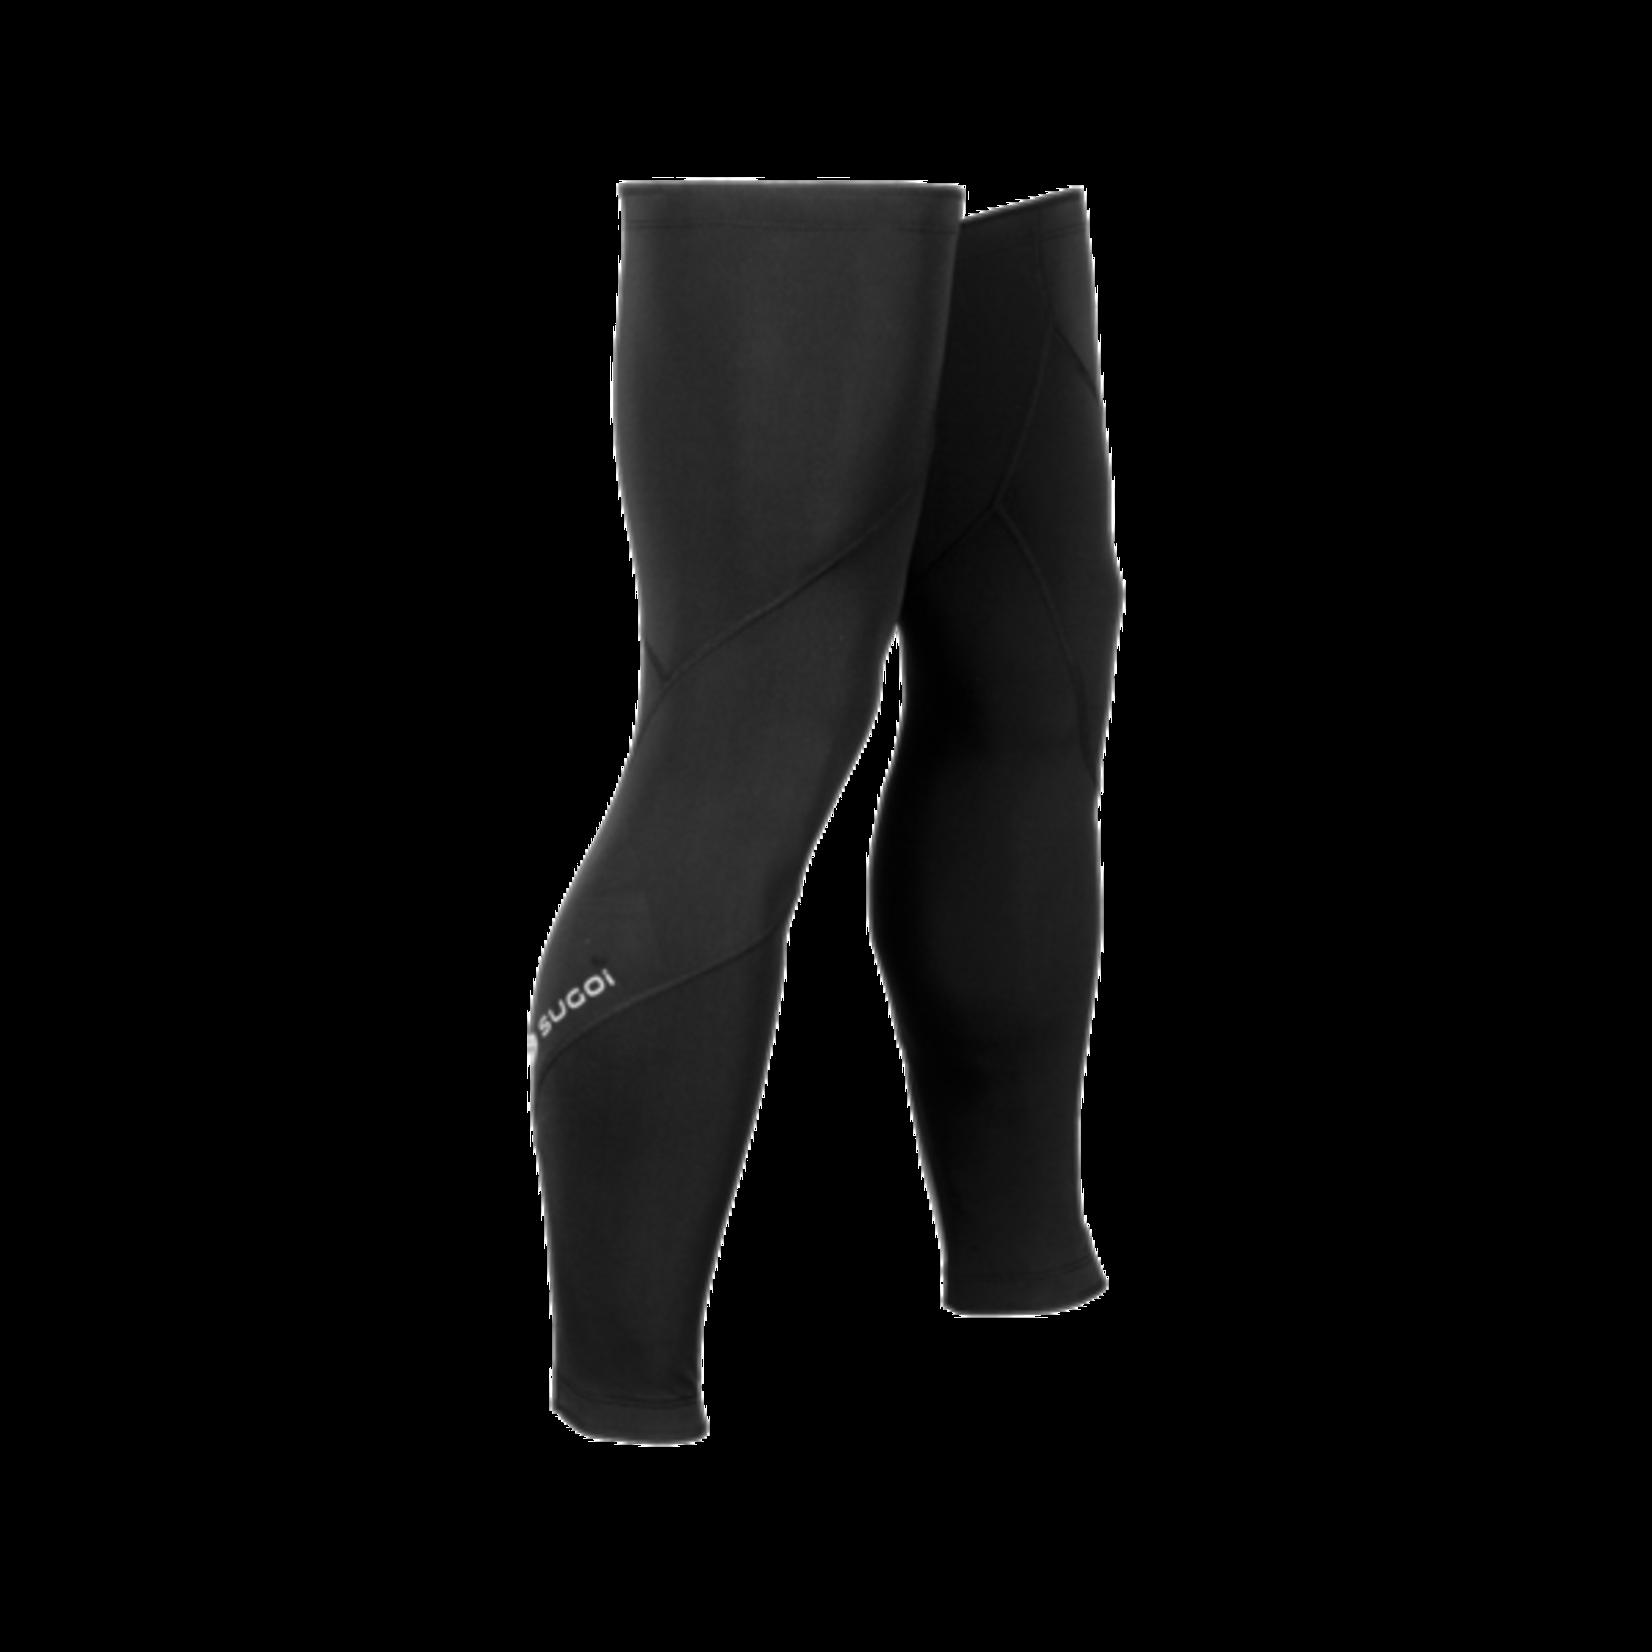 Sugoi Sugoi Midzero Leg Warmer, Small, Black